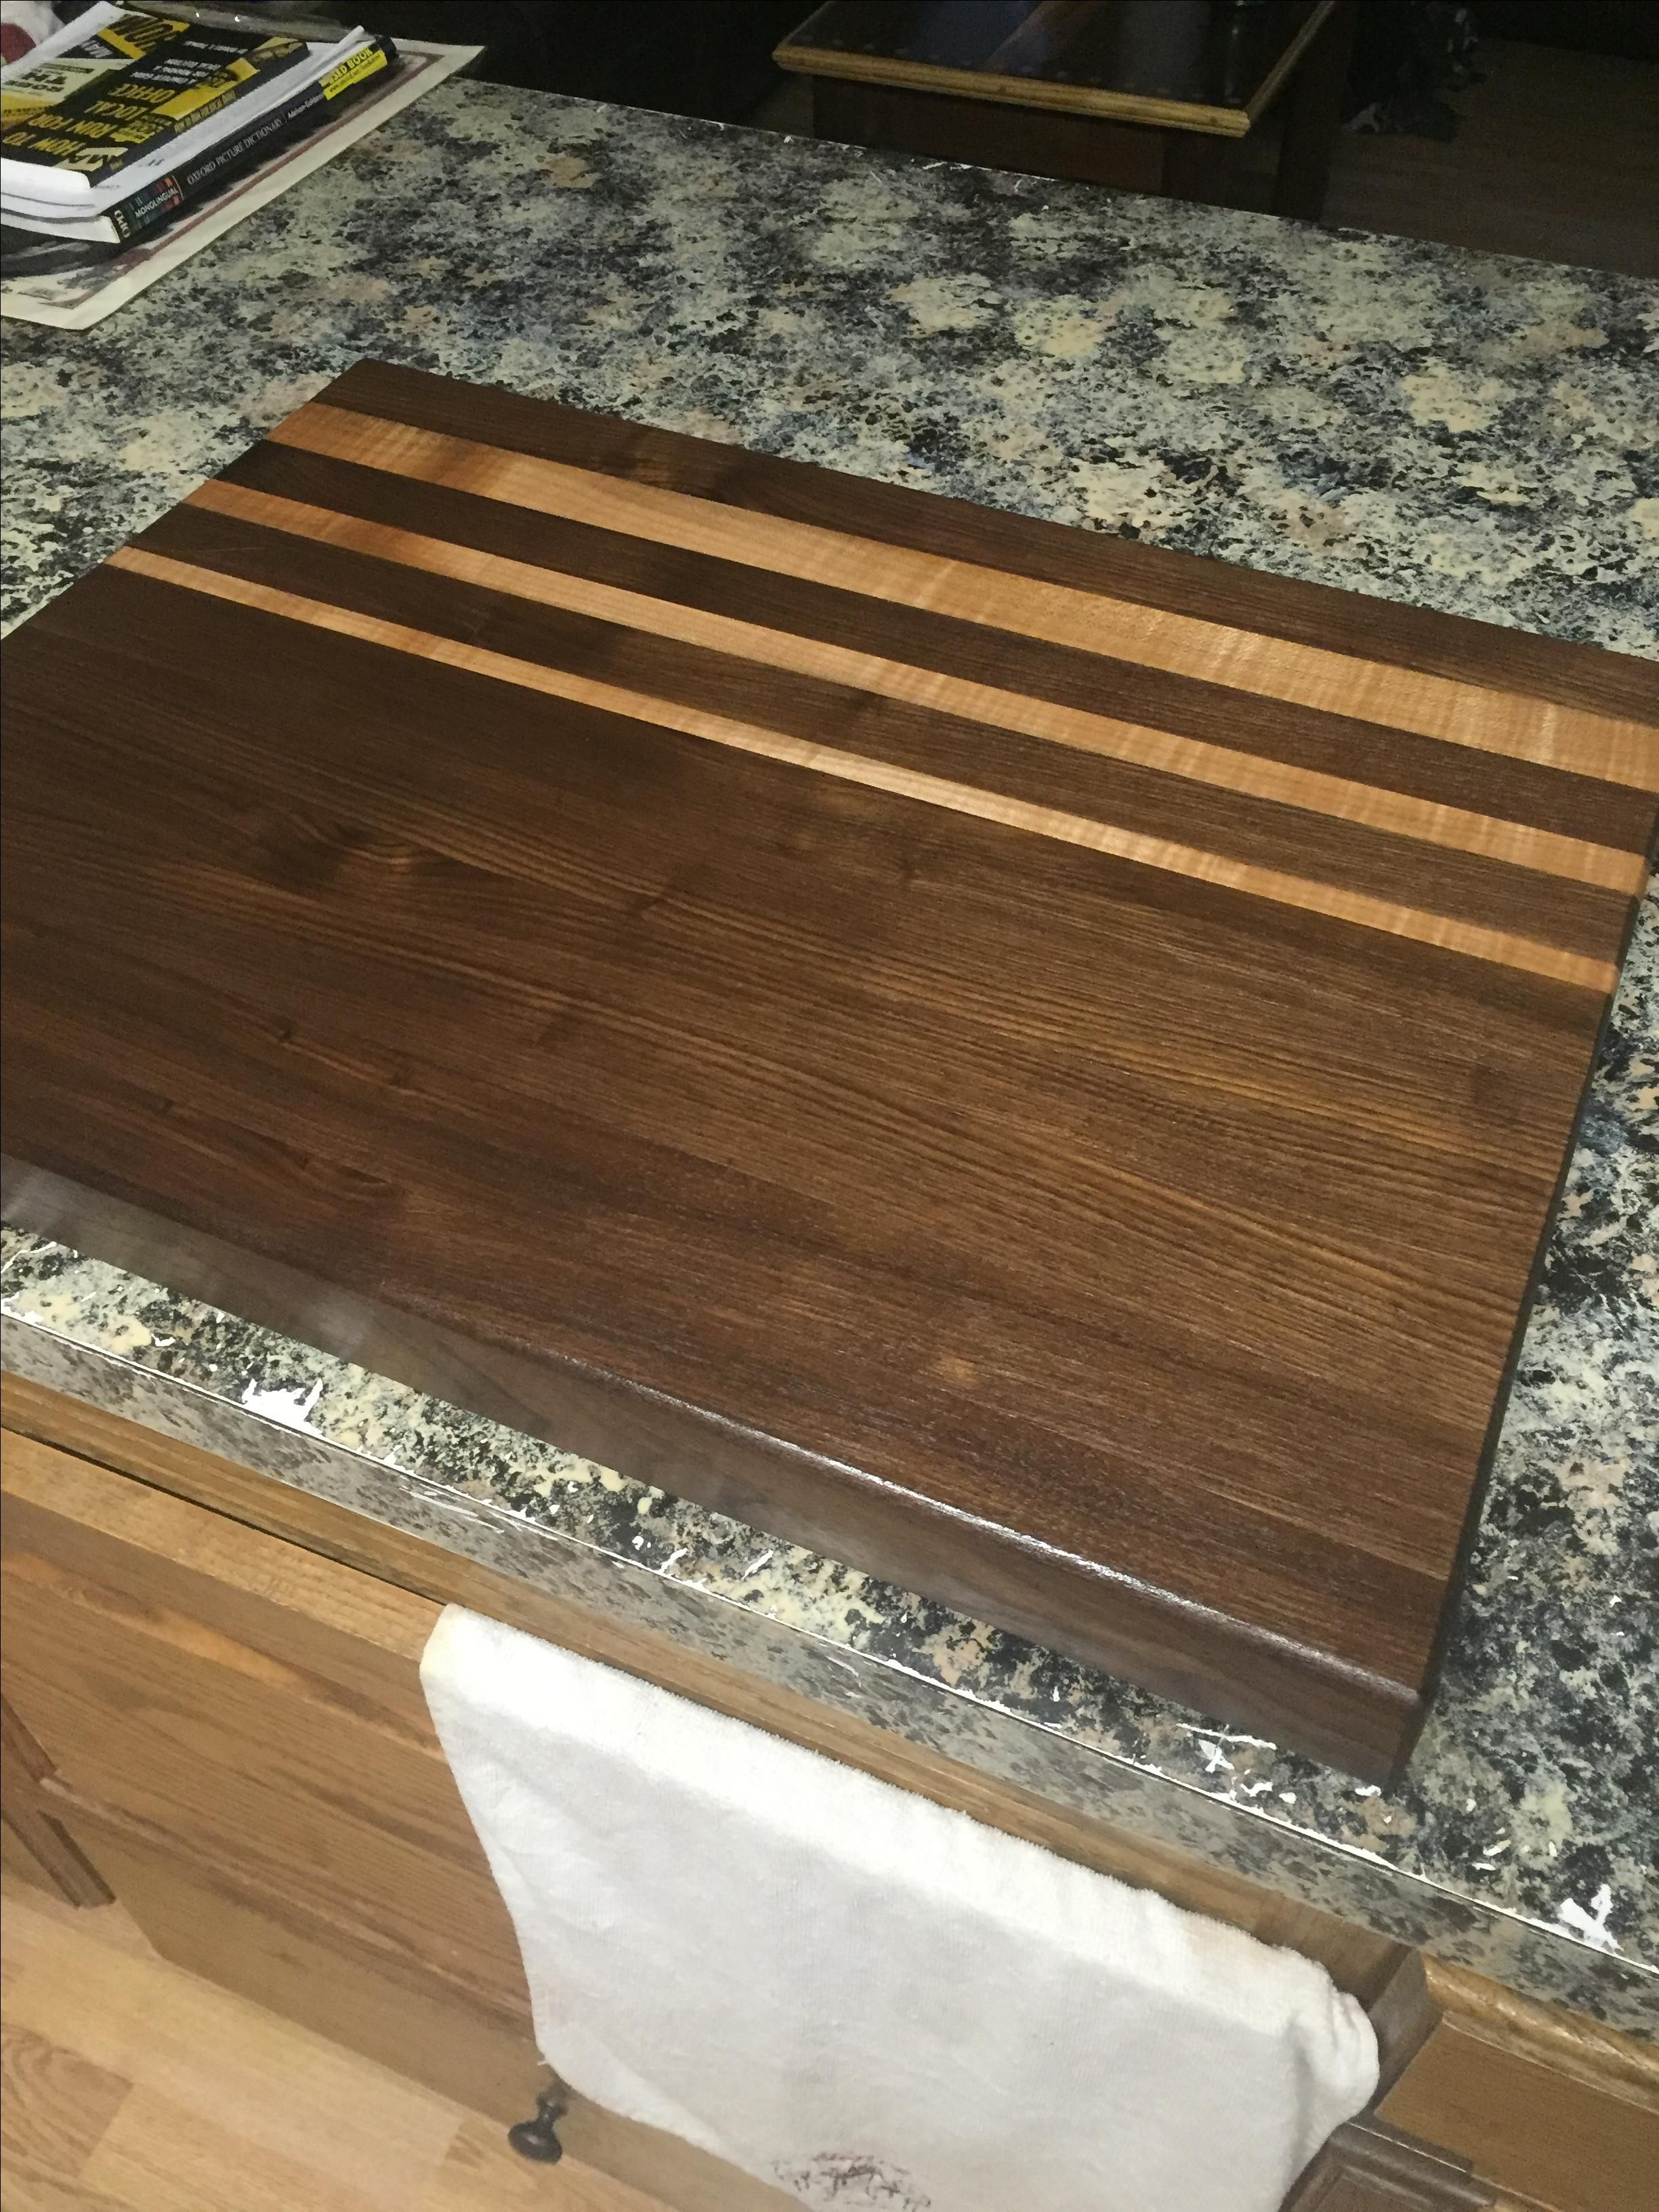 Handmade Black Walnut And Oak Cutting Board By Effinger